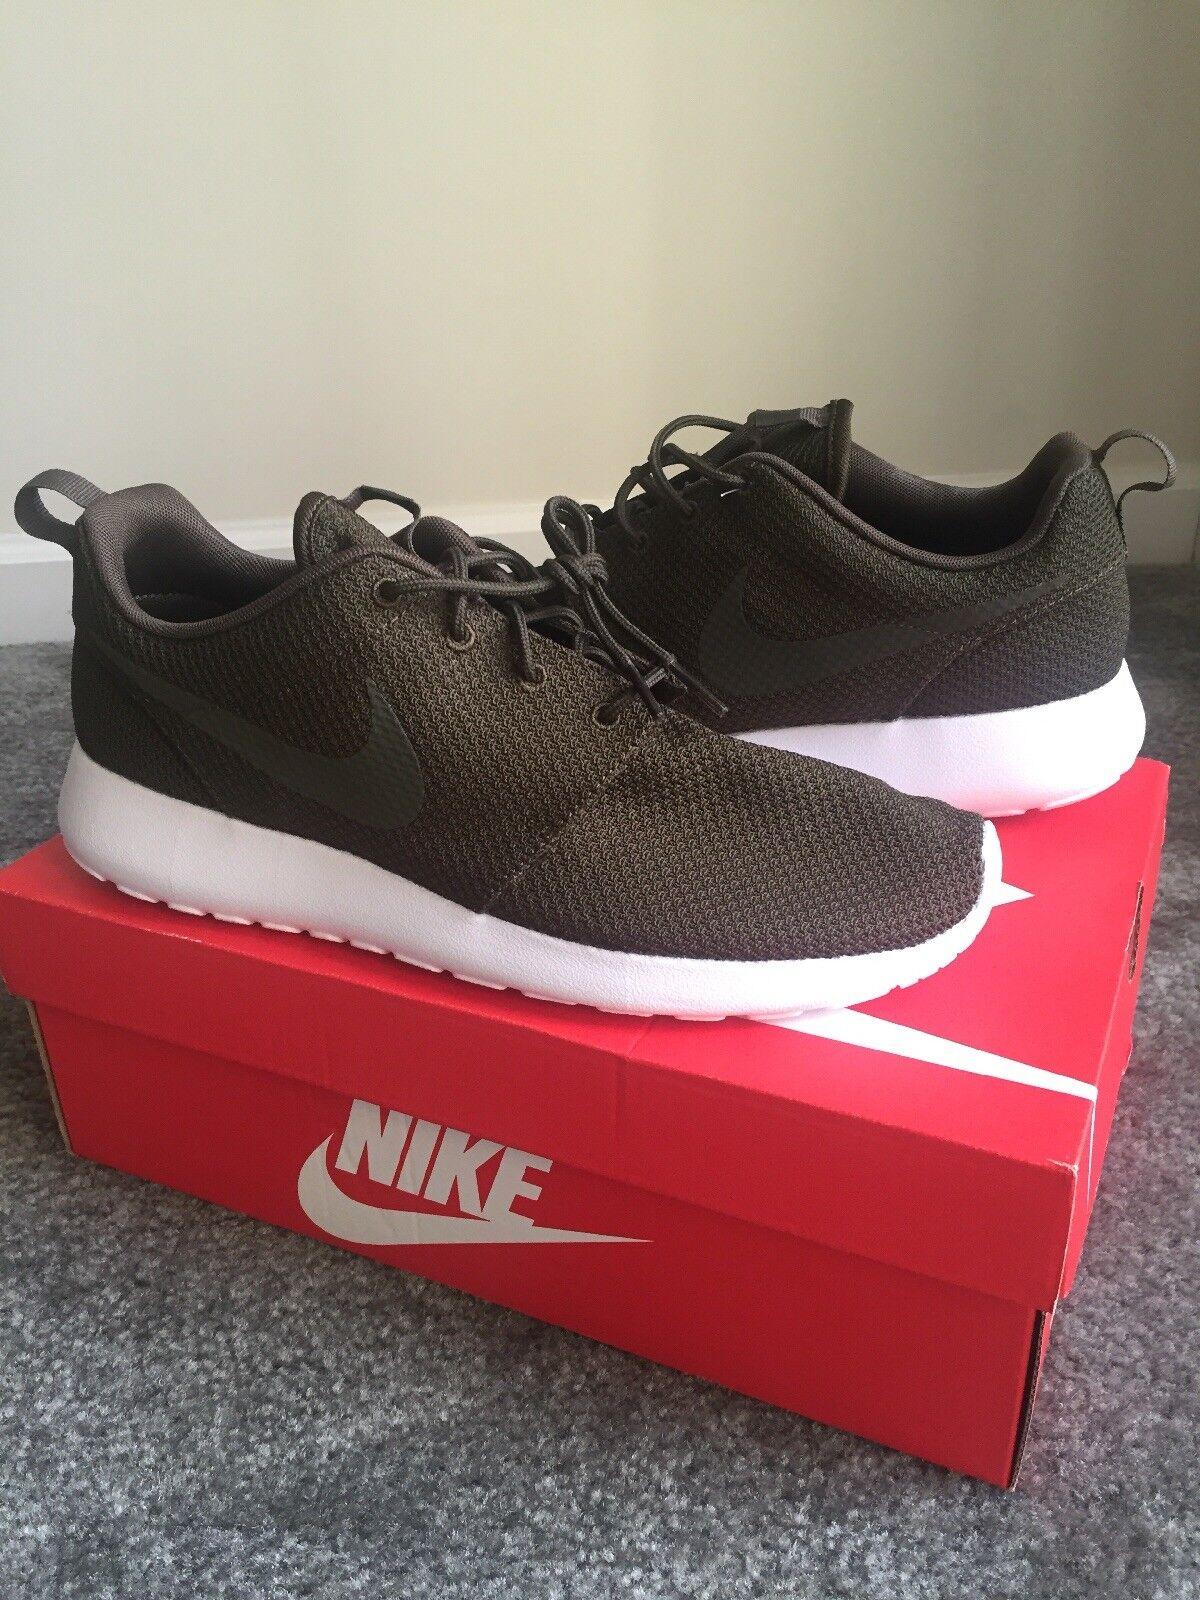 Nike Roshe One Mens Size 10